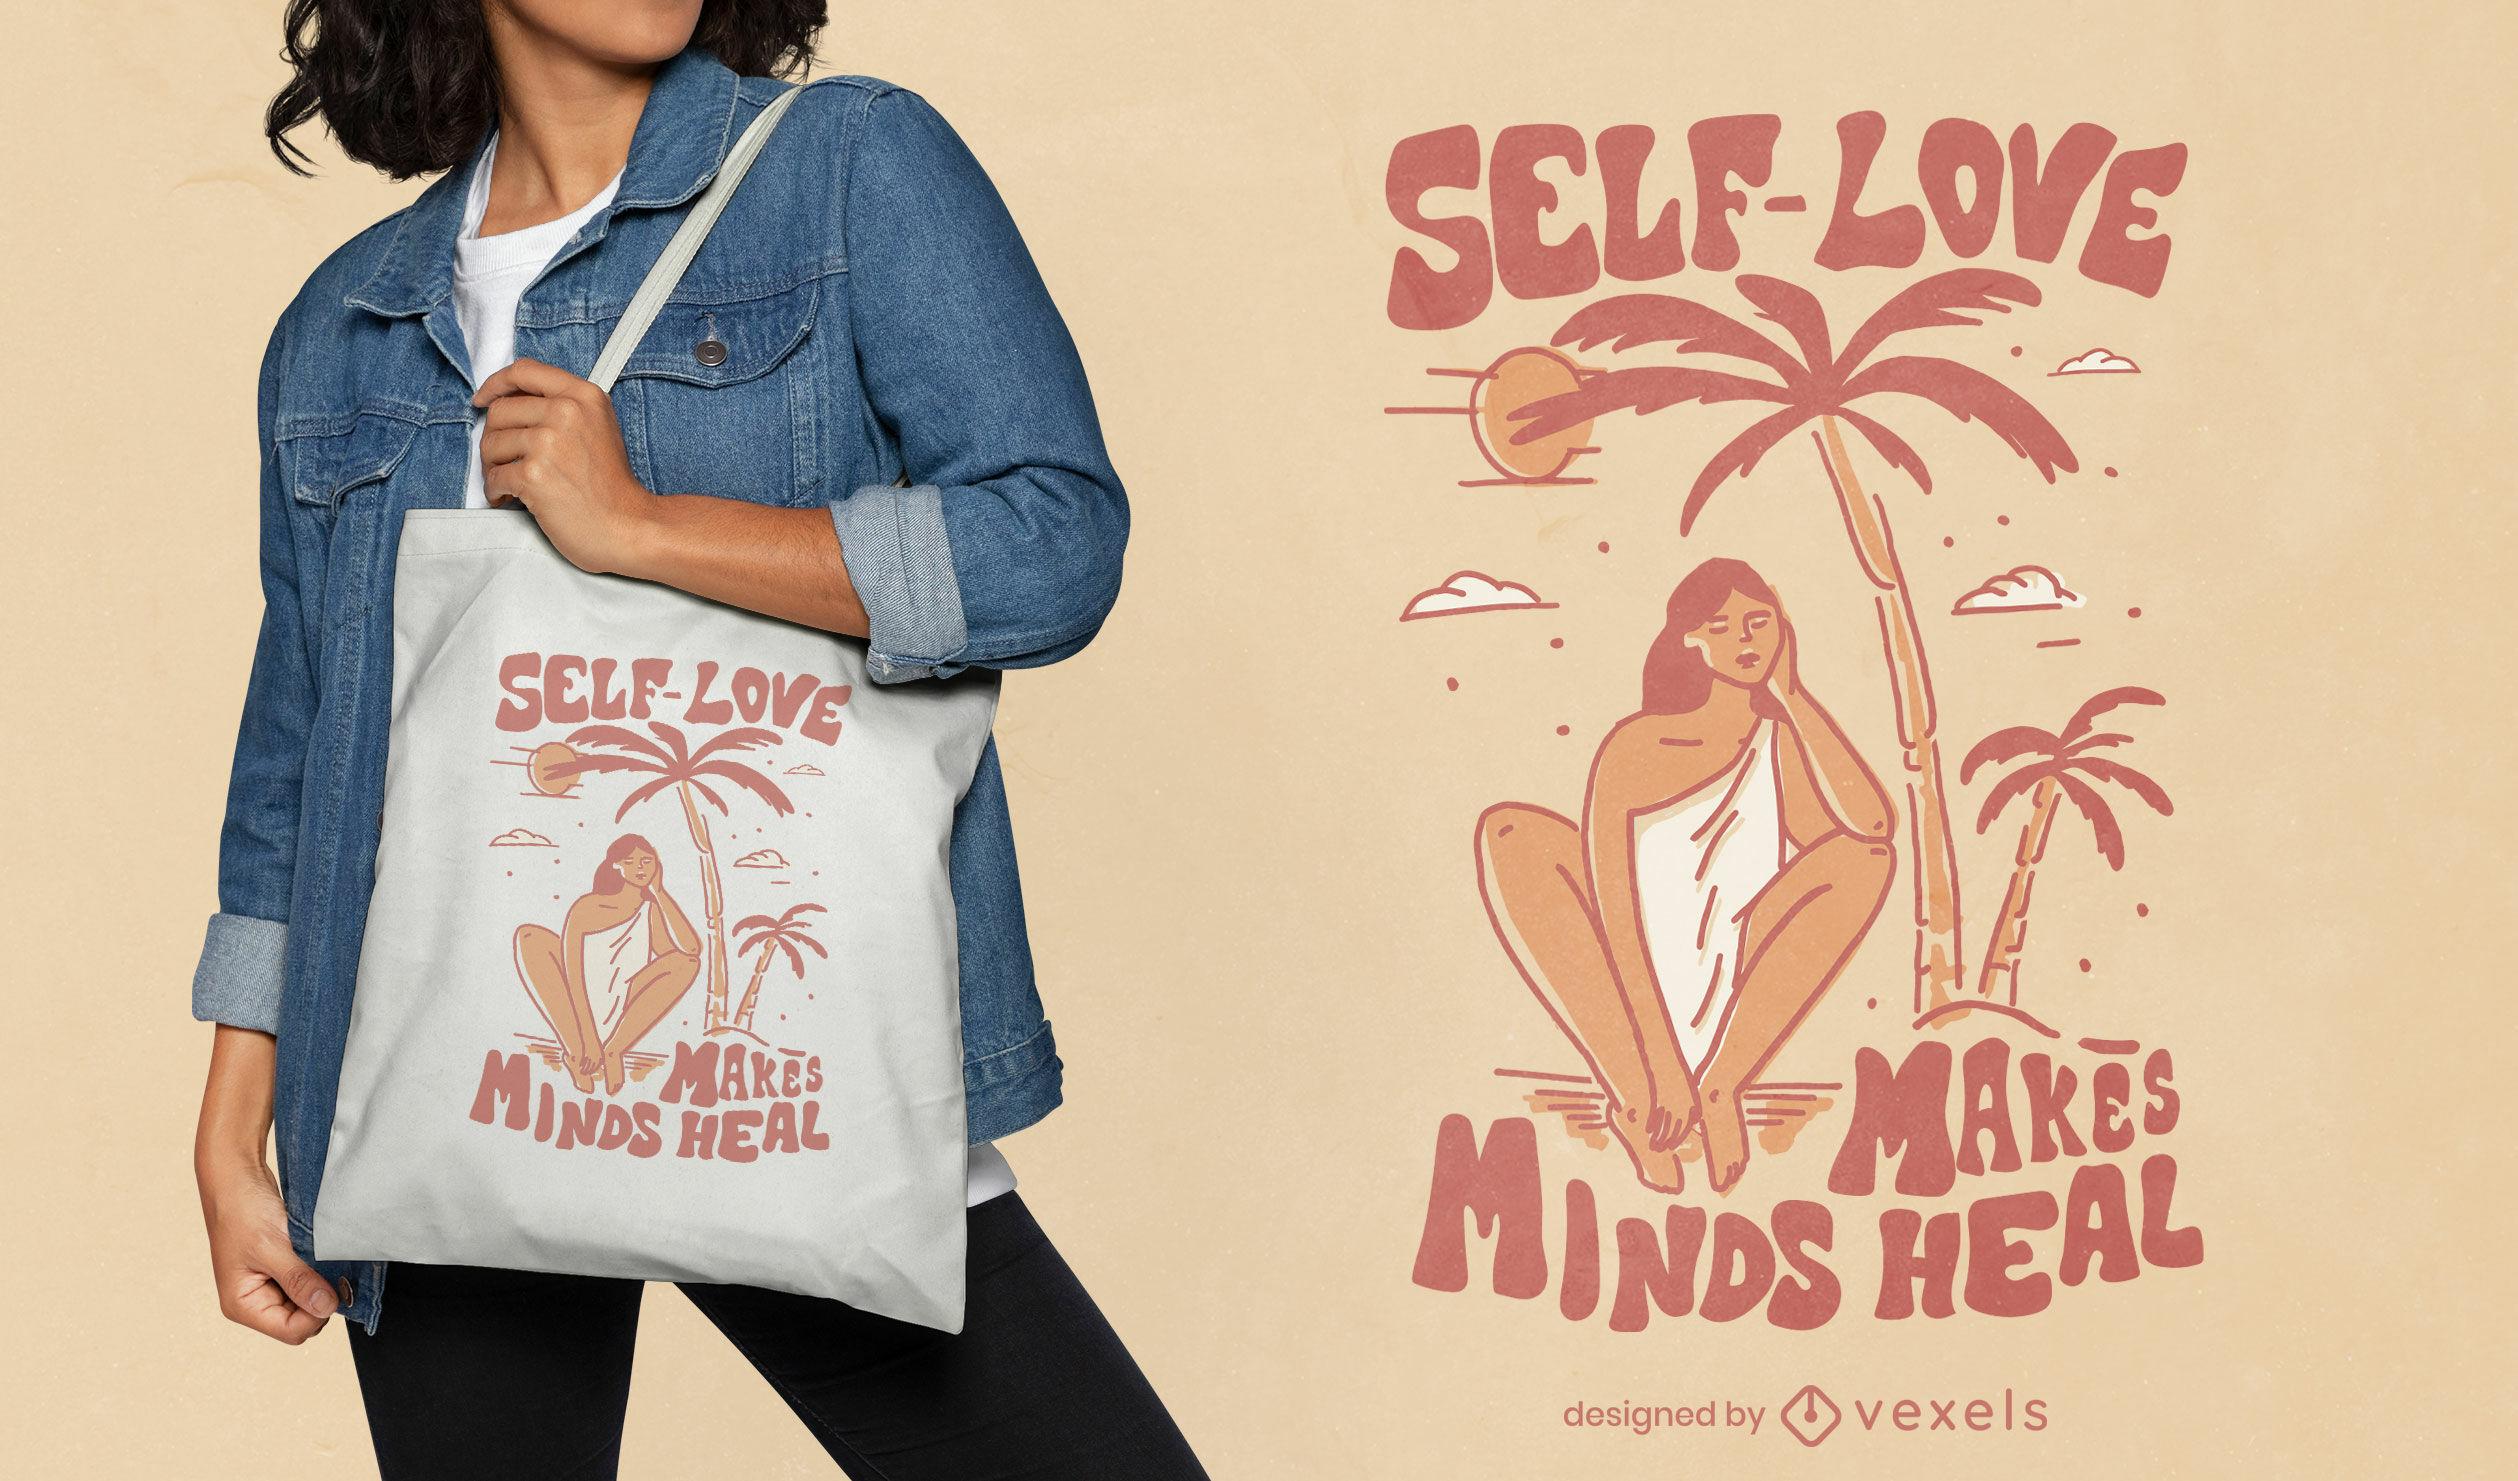 Self-love helaing tote bag design